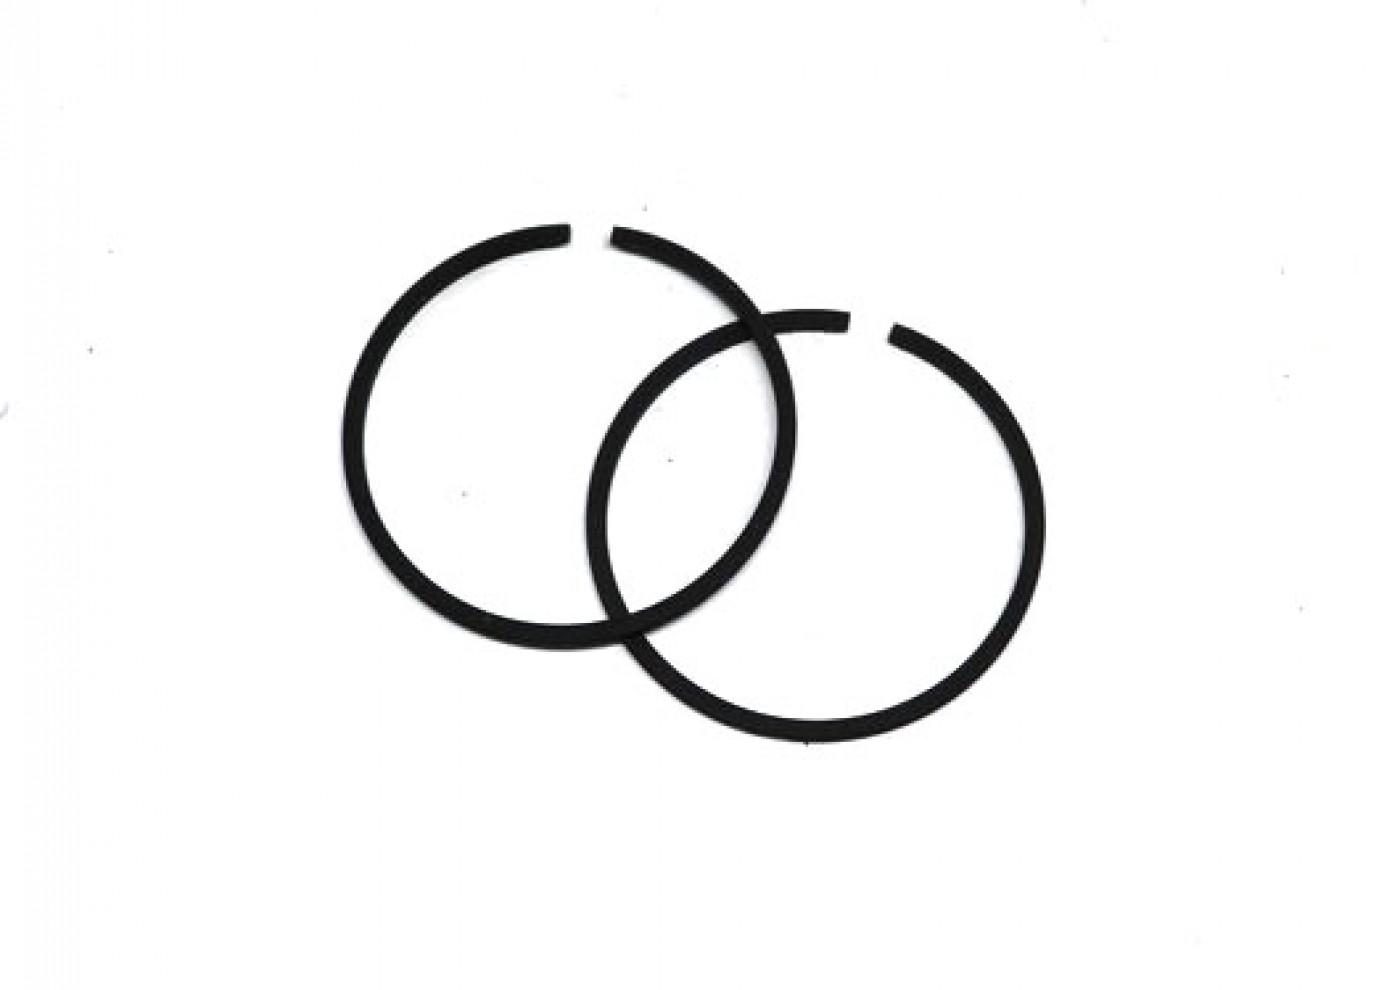 Sada pístních kroužků Stihl 48 mm x 1,2 mm